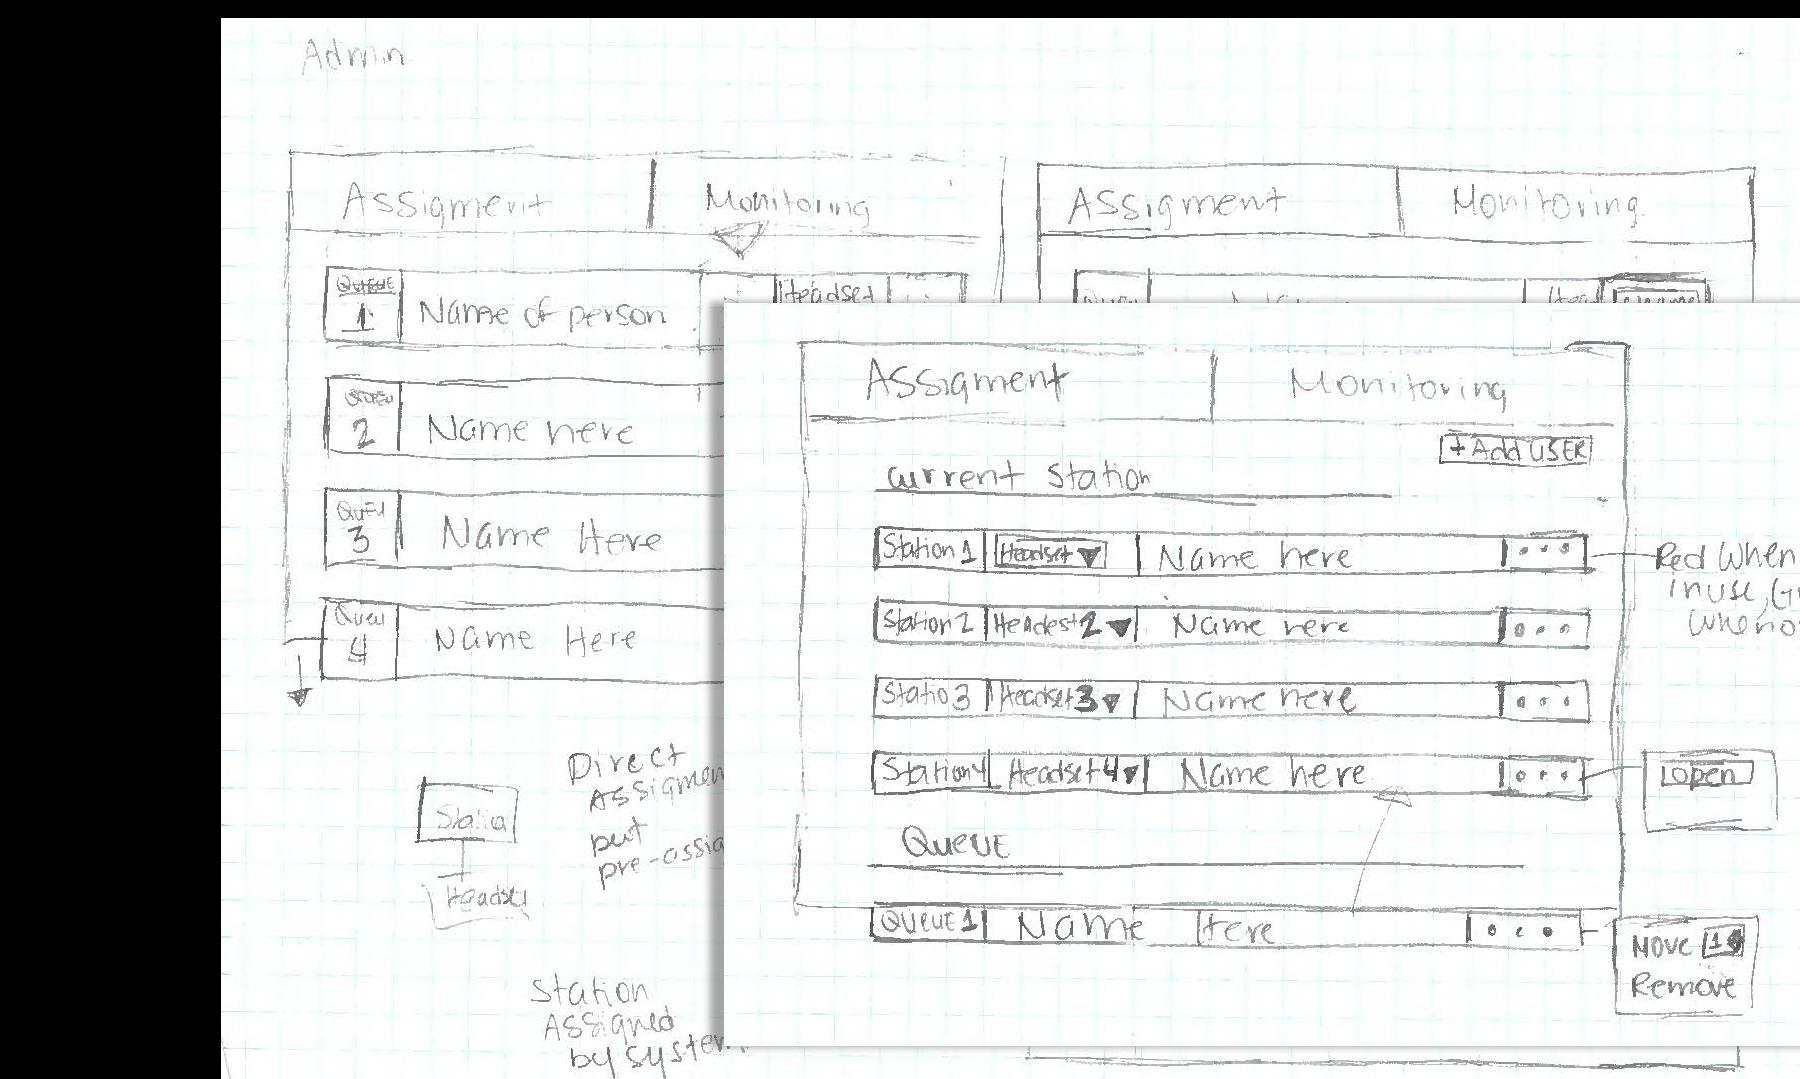 Admin Sketch